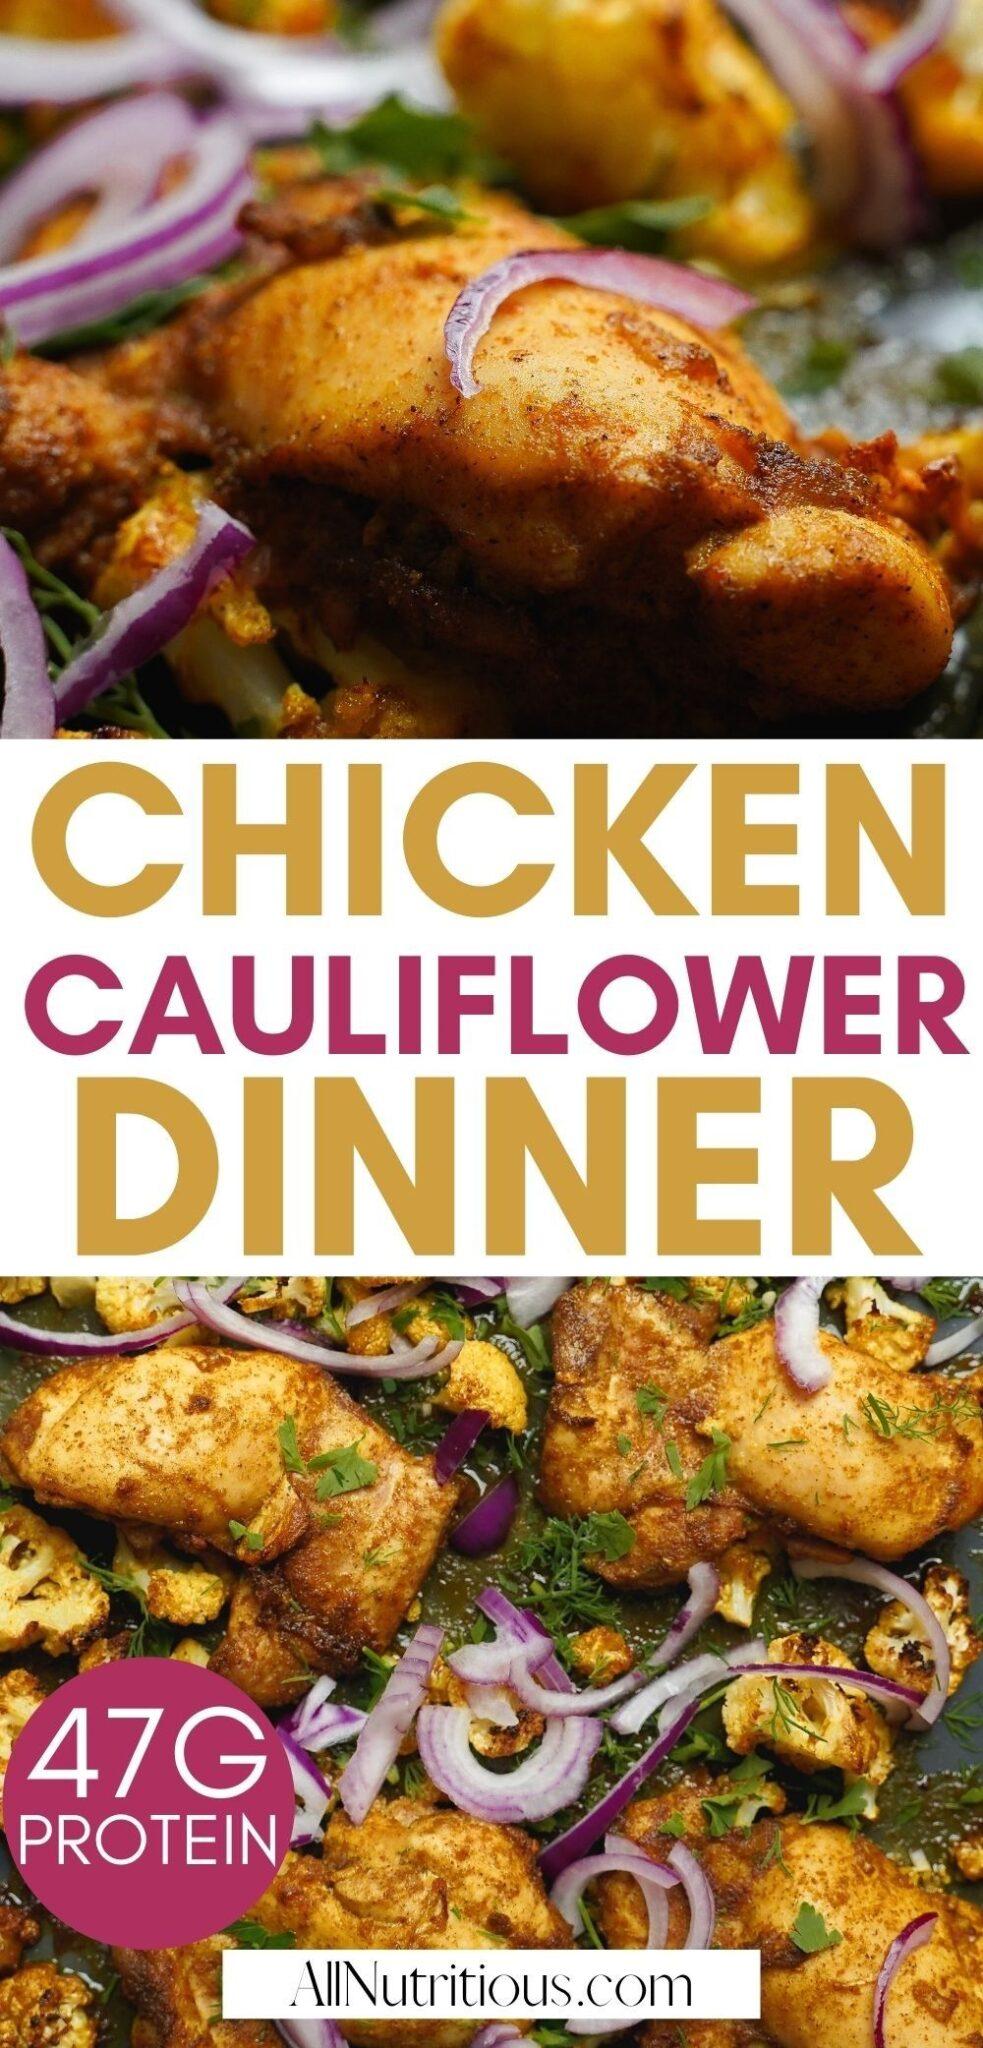 chicken cauliflower dinner